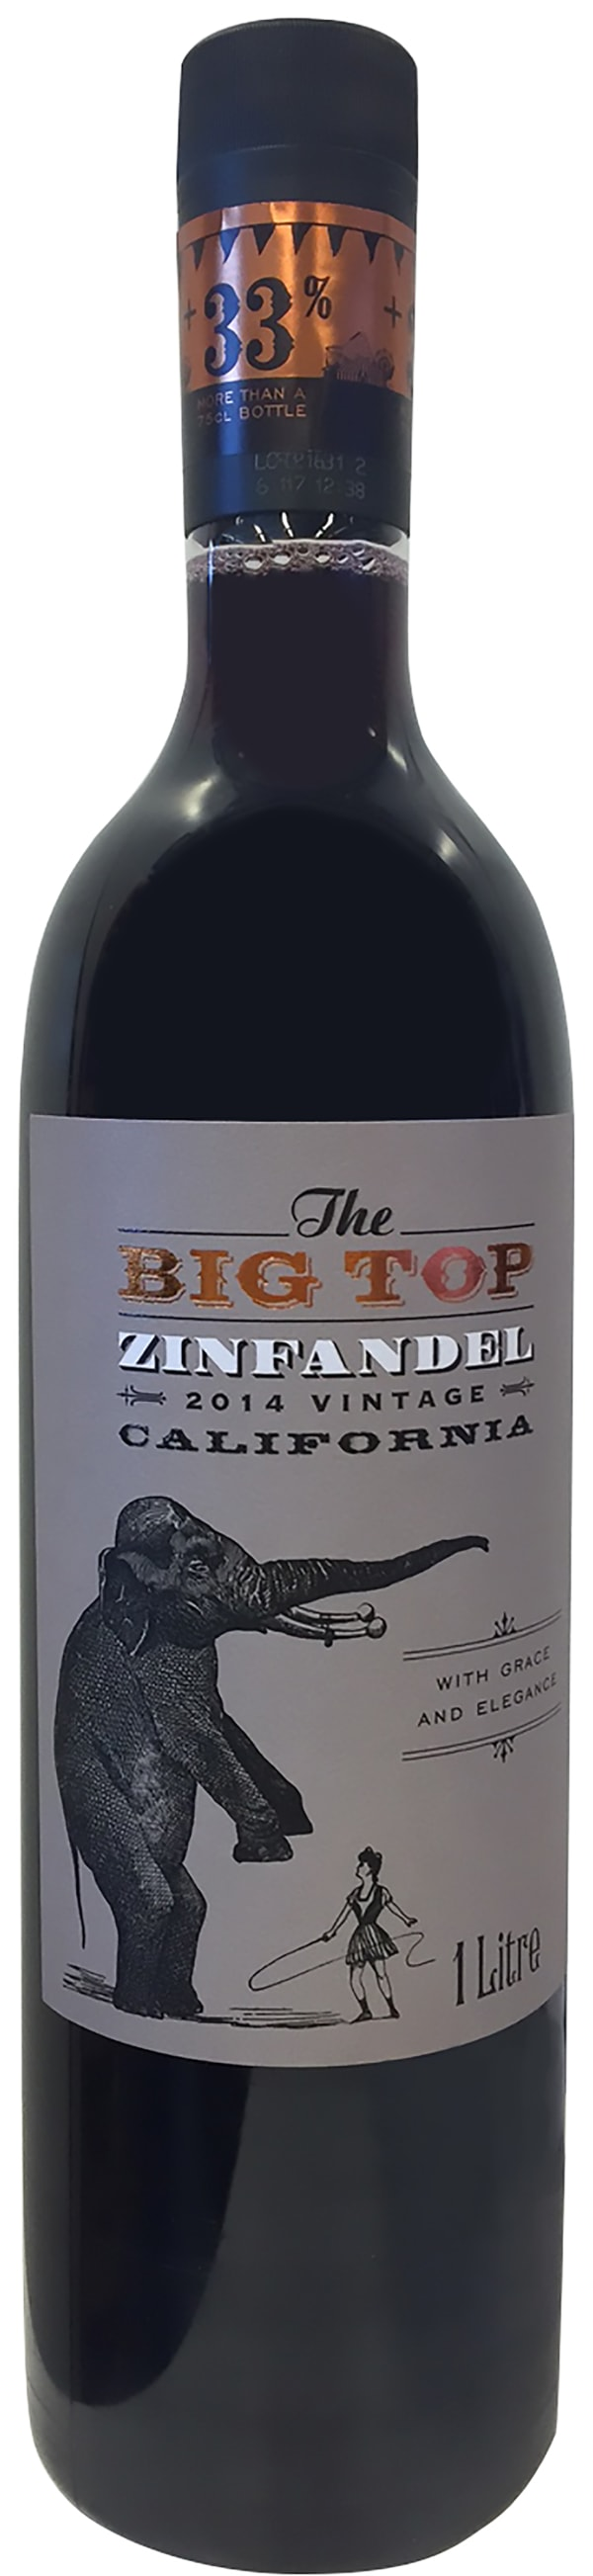 The Big Top Zinfandel 2015 plastic bottle